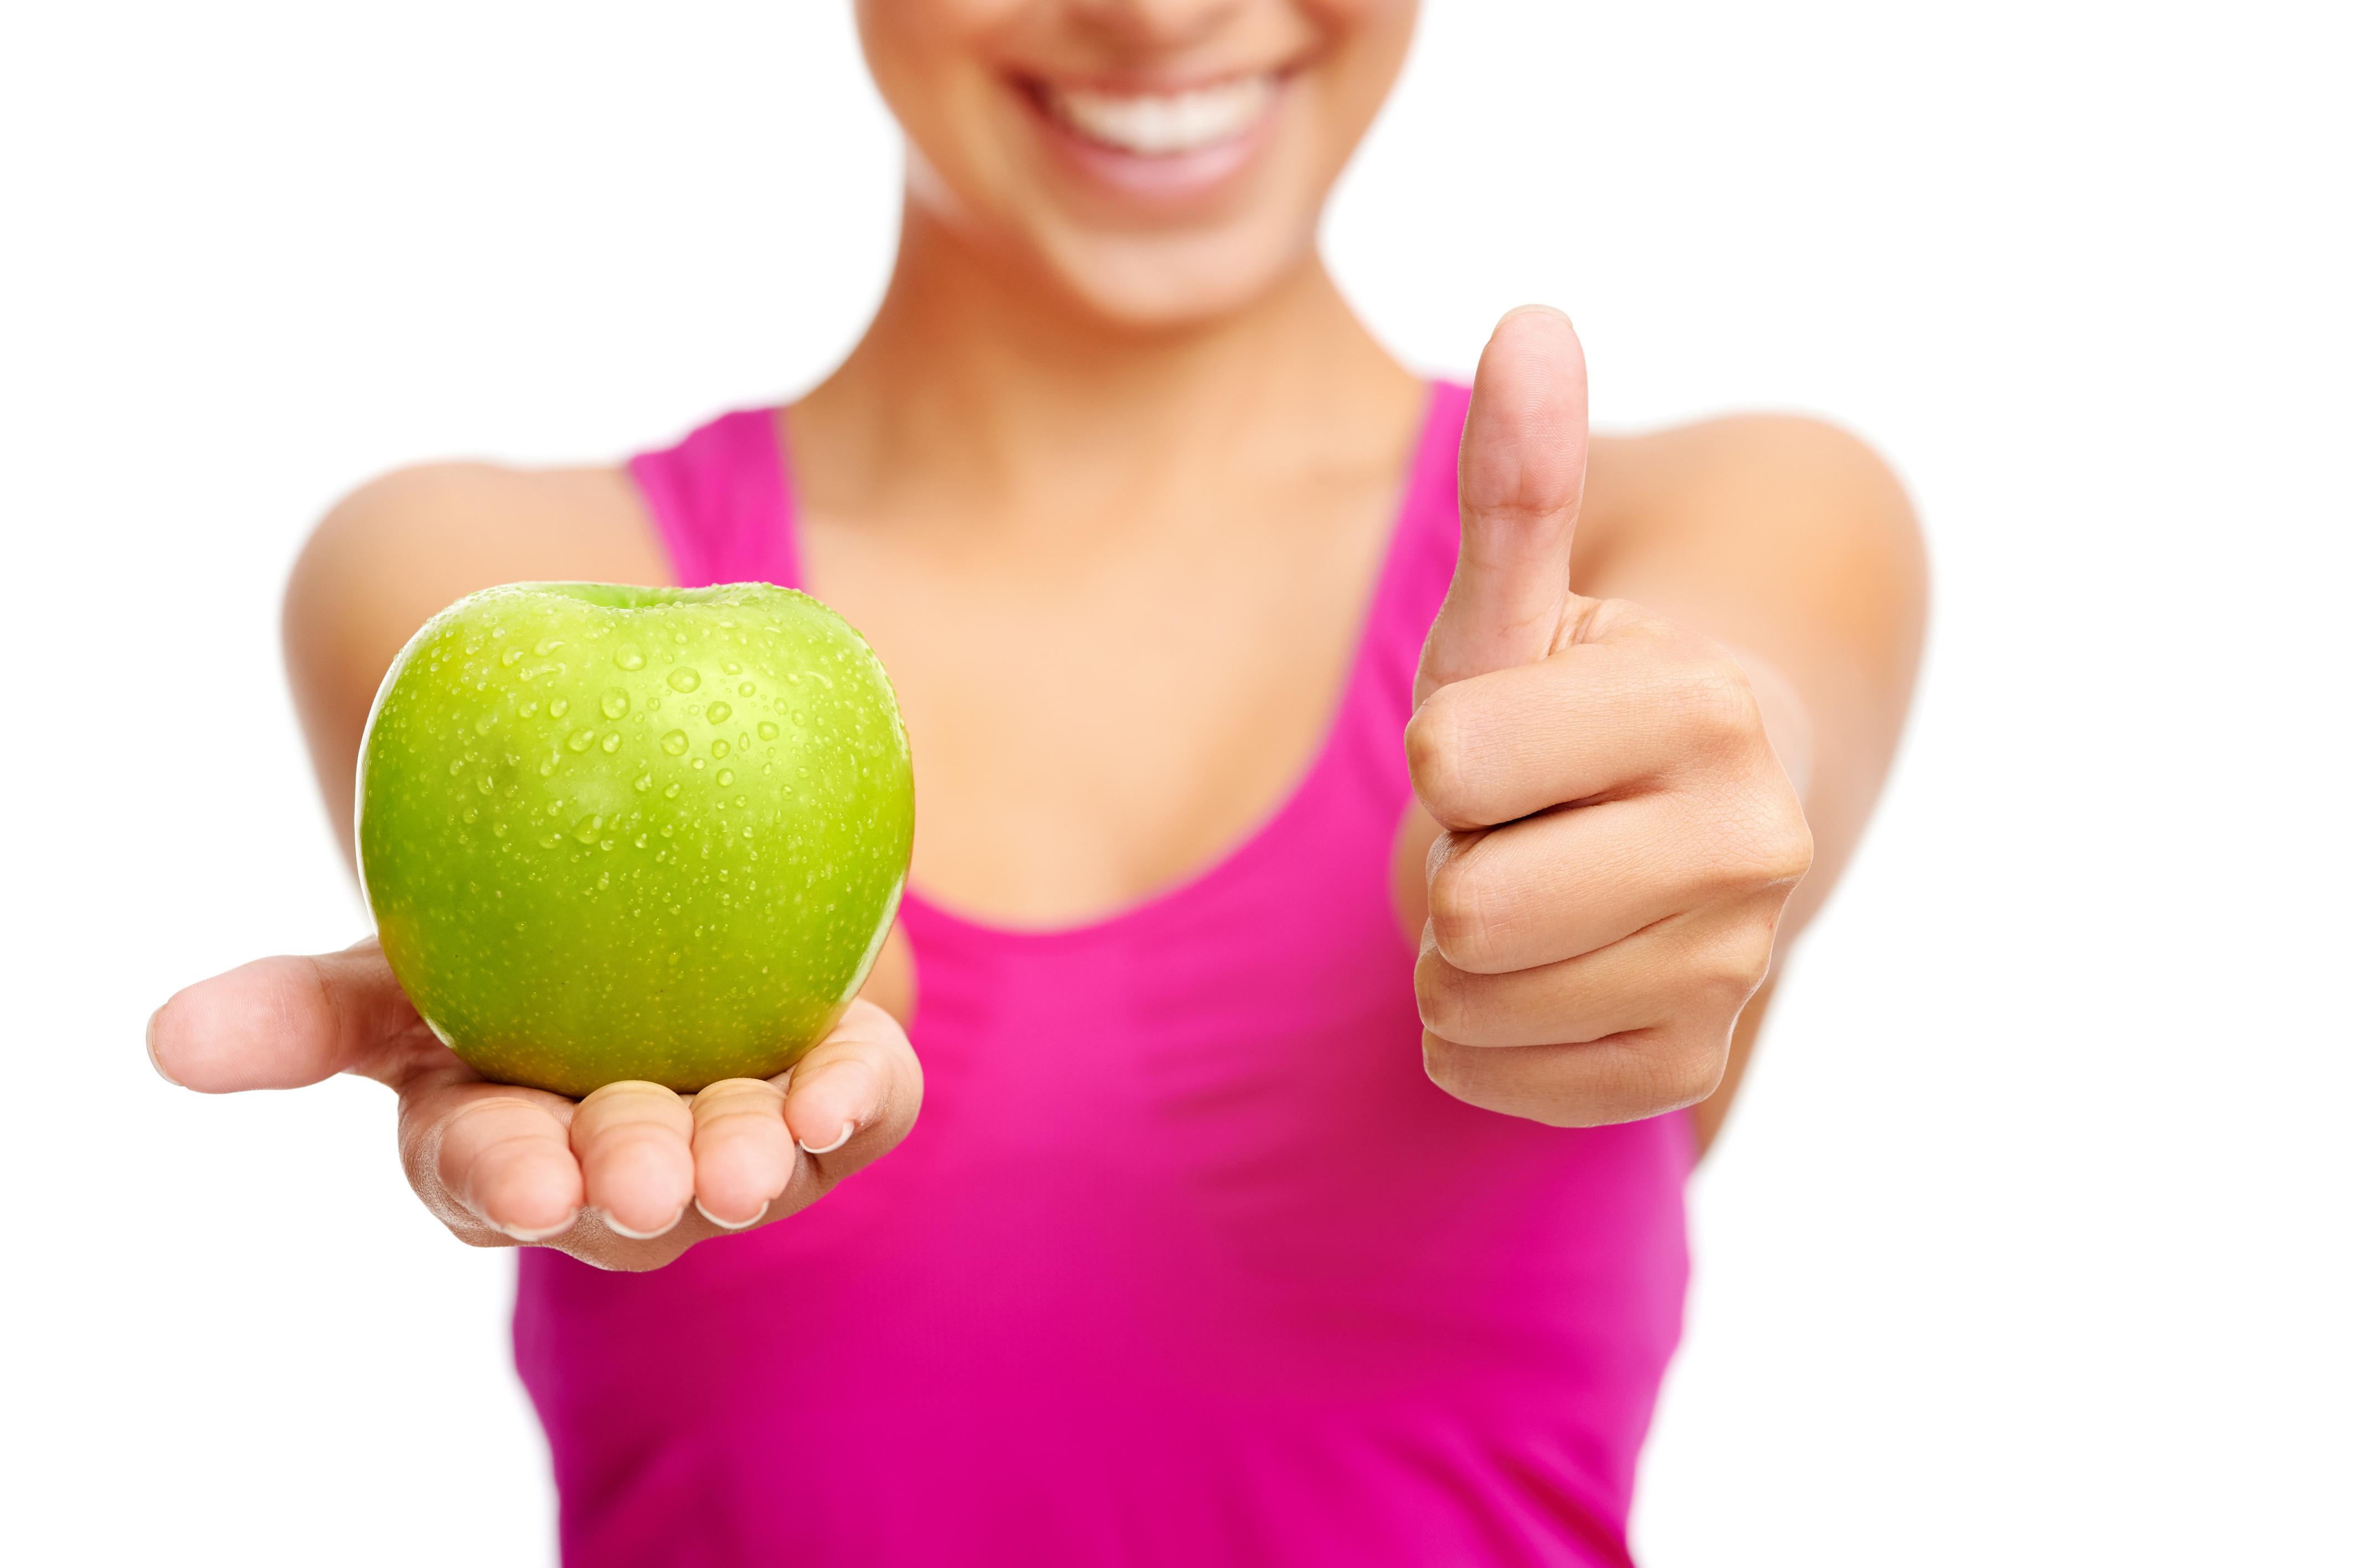 voeding met koolhydraten lijst